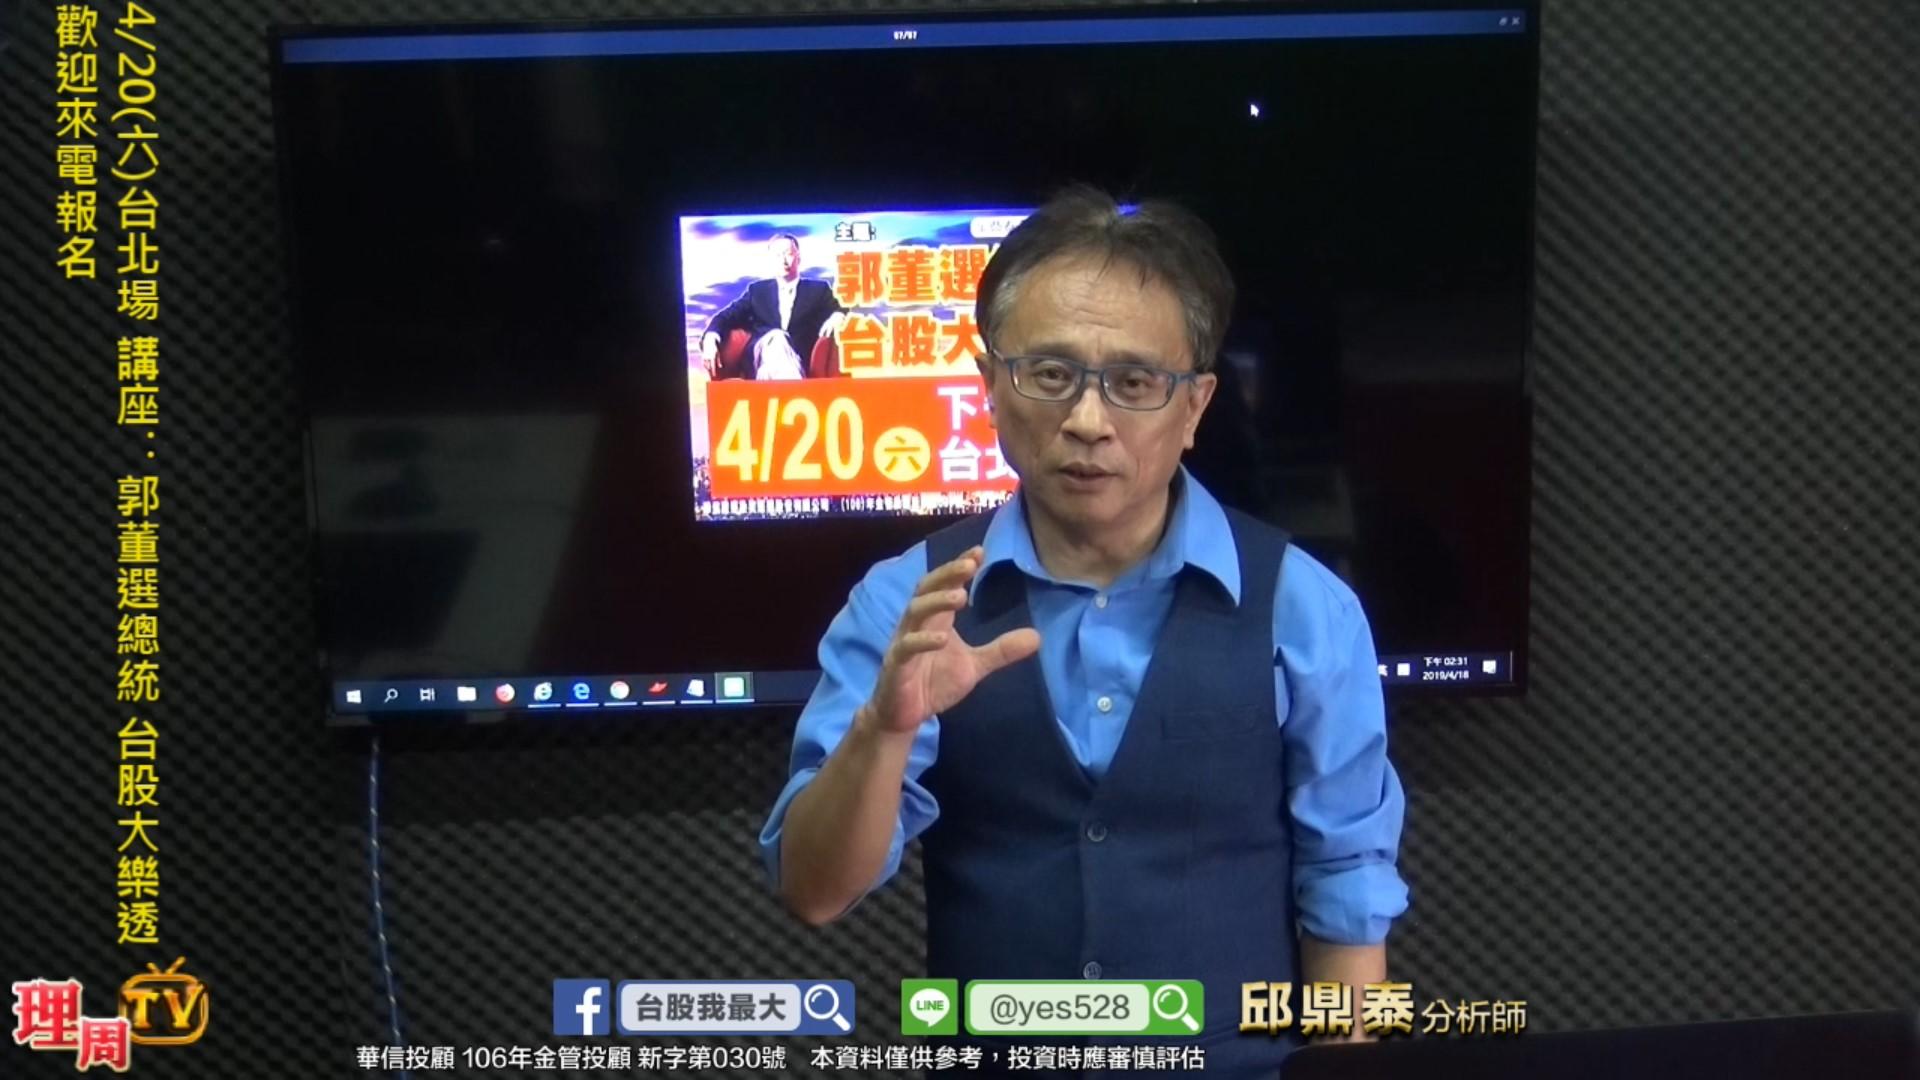 4/20(六)台北場 講座:郭董選總統 台股大樂透 歡迎來電報名